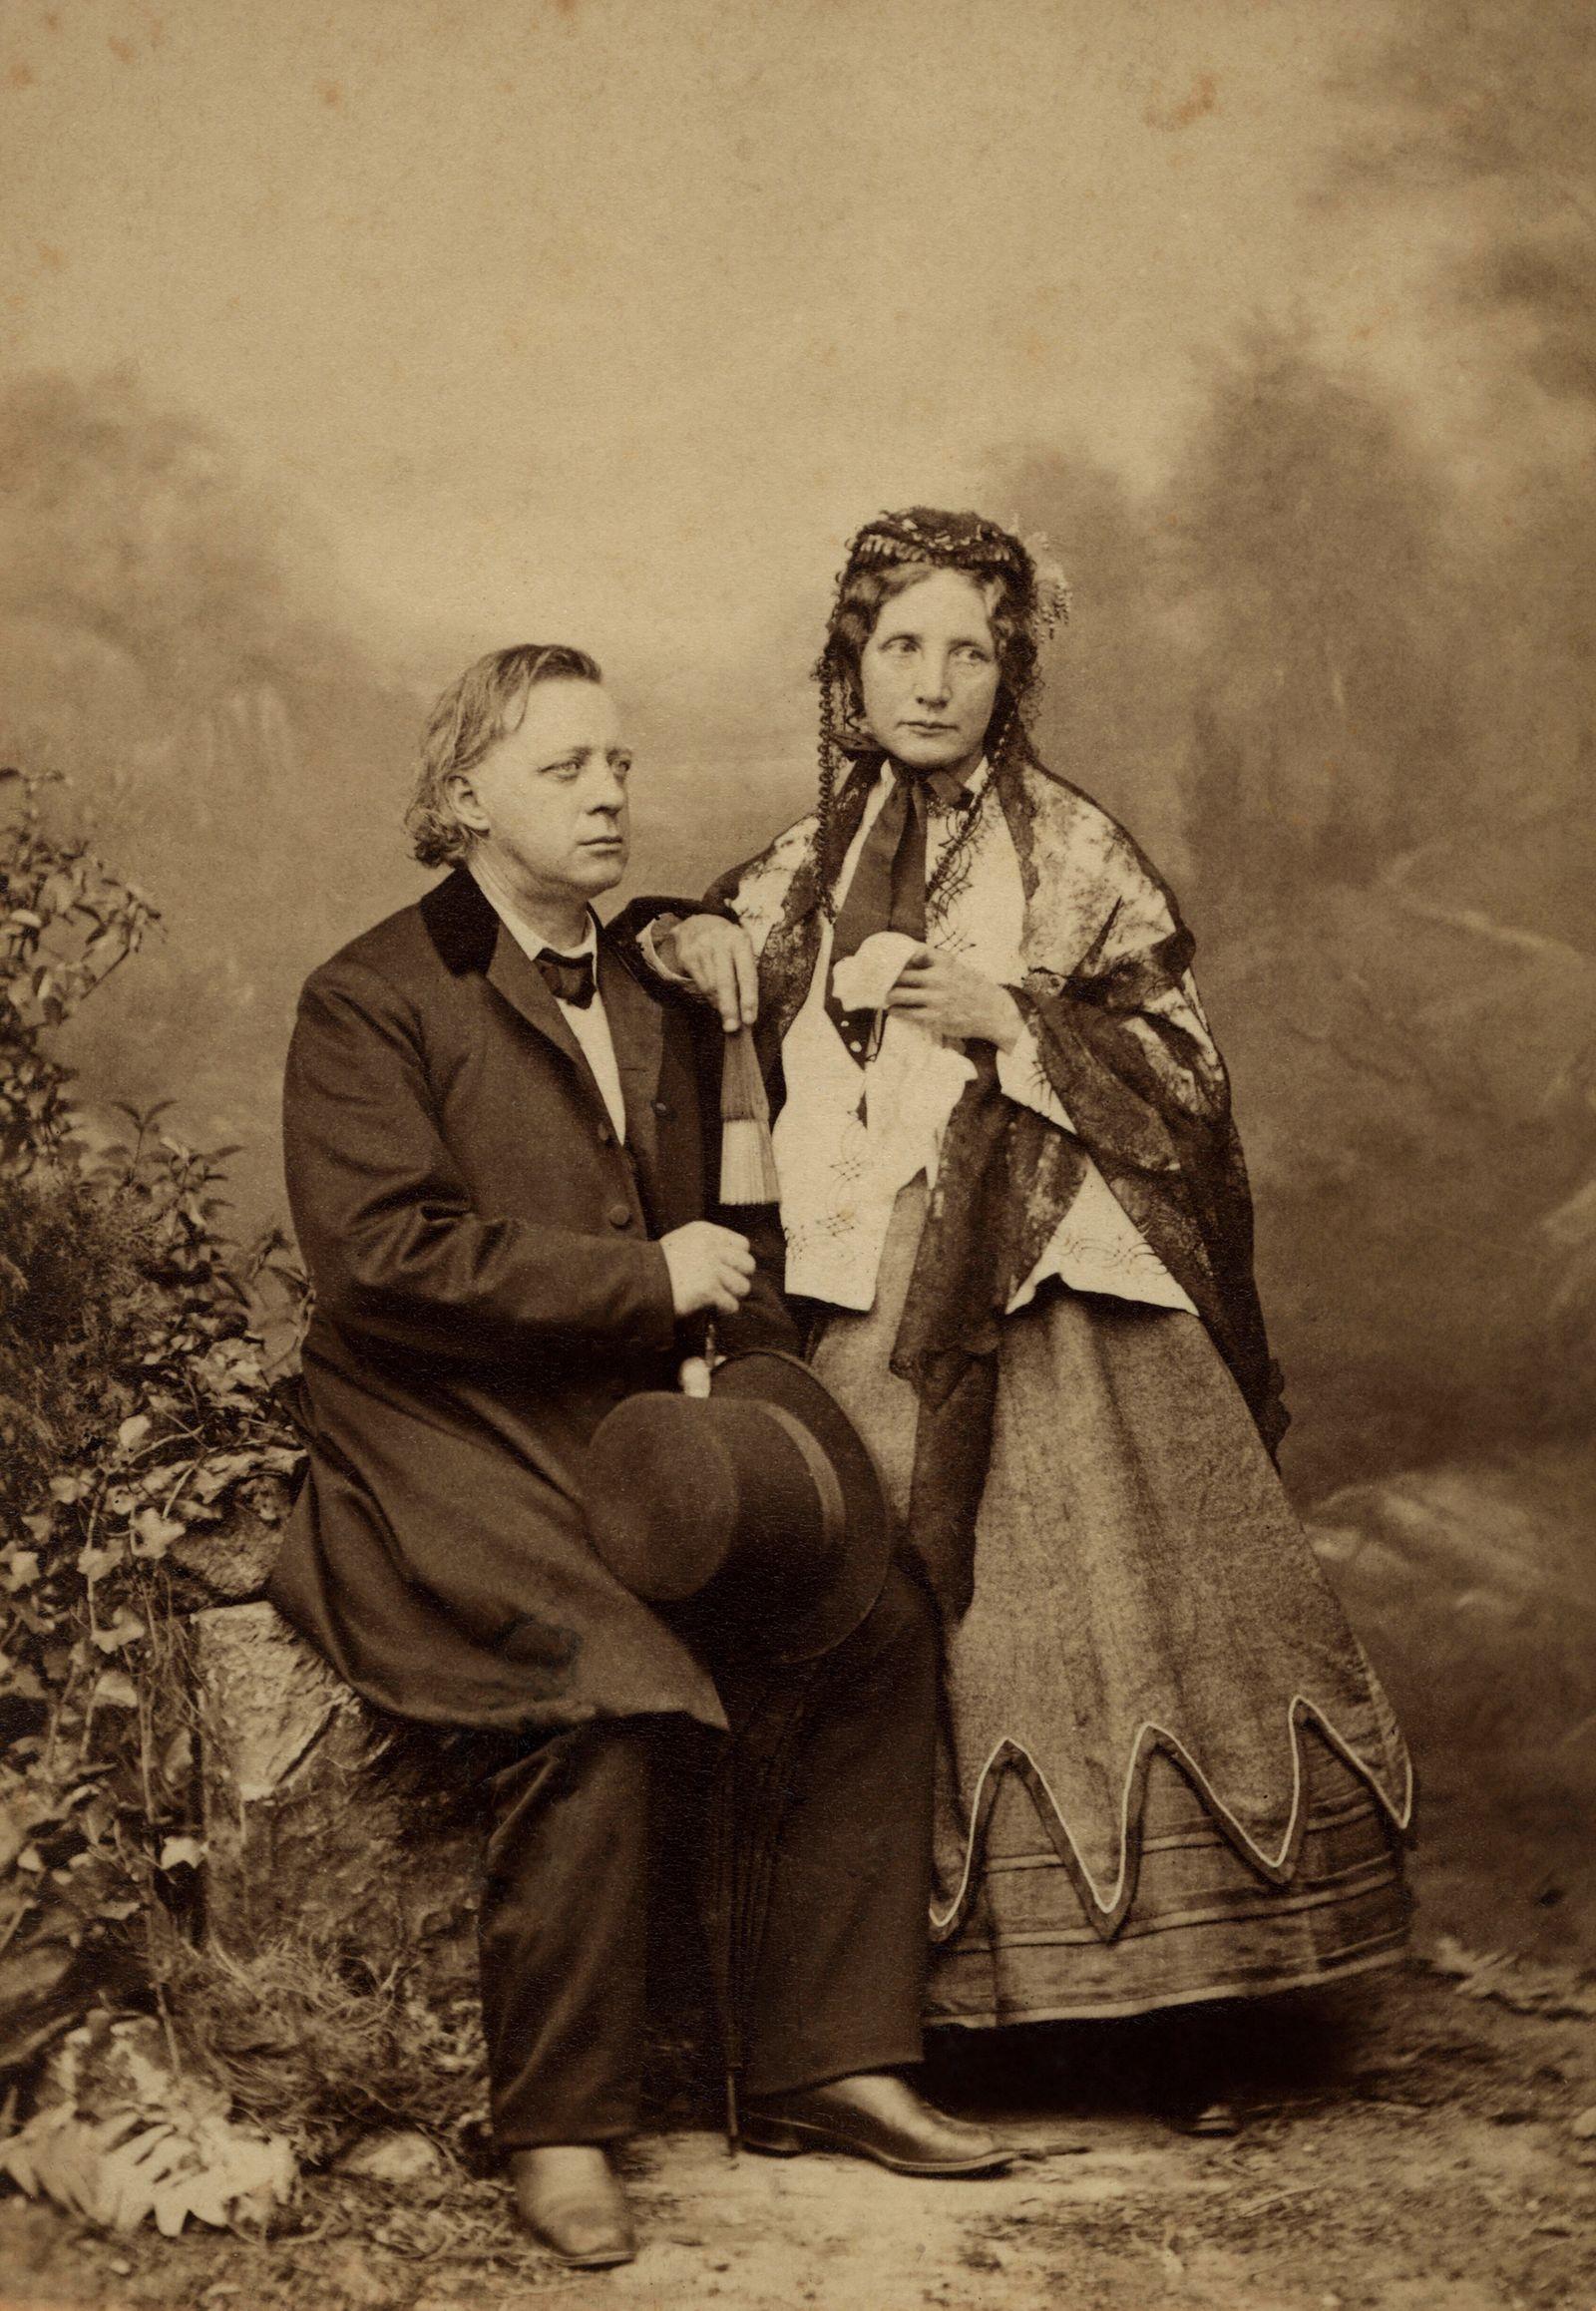 Henry Ward Beecher, Harriet Beecher Stowe, Portrait, 1885 PUBLICATIONxNOTxINxESP Copyright: xJTxVintagex jtv008384